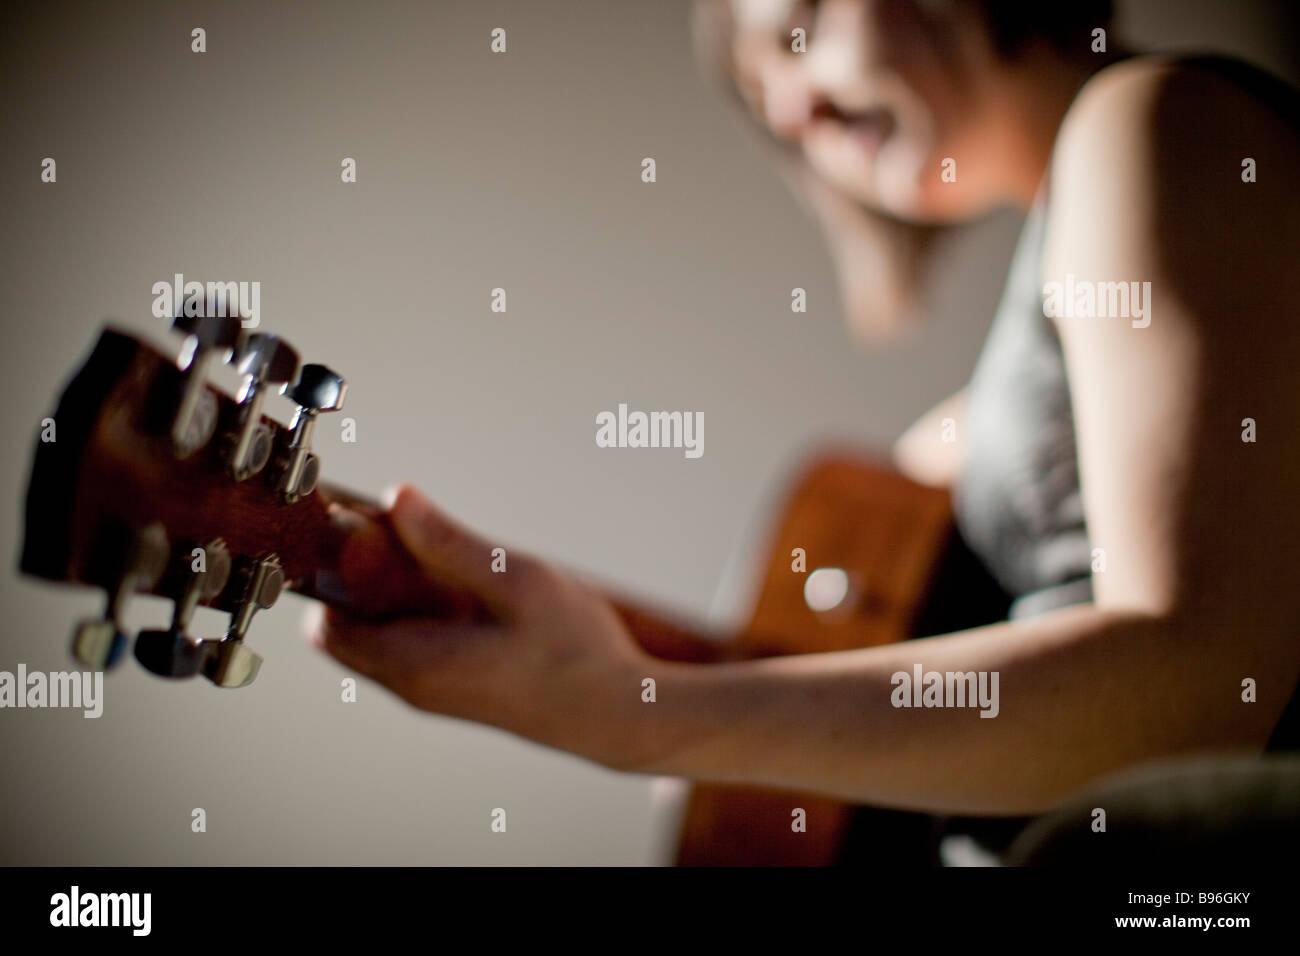 Junge Frau Gitarre spielen Stockbild